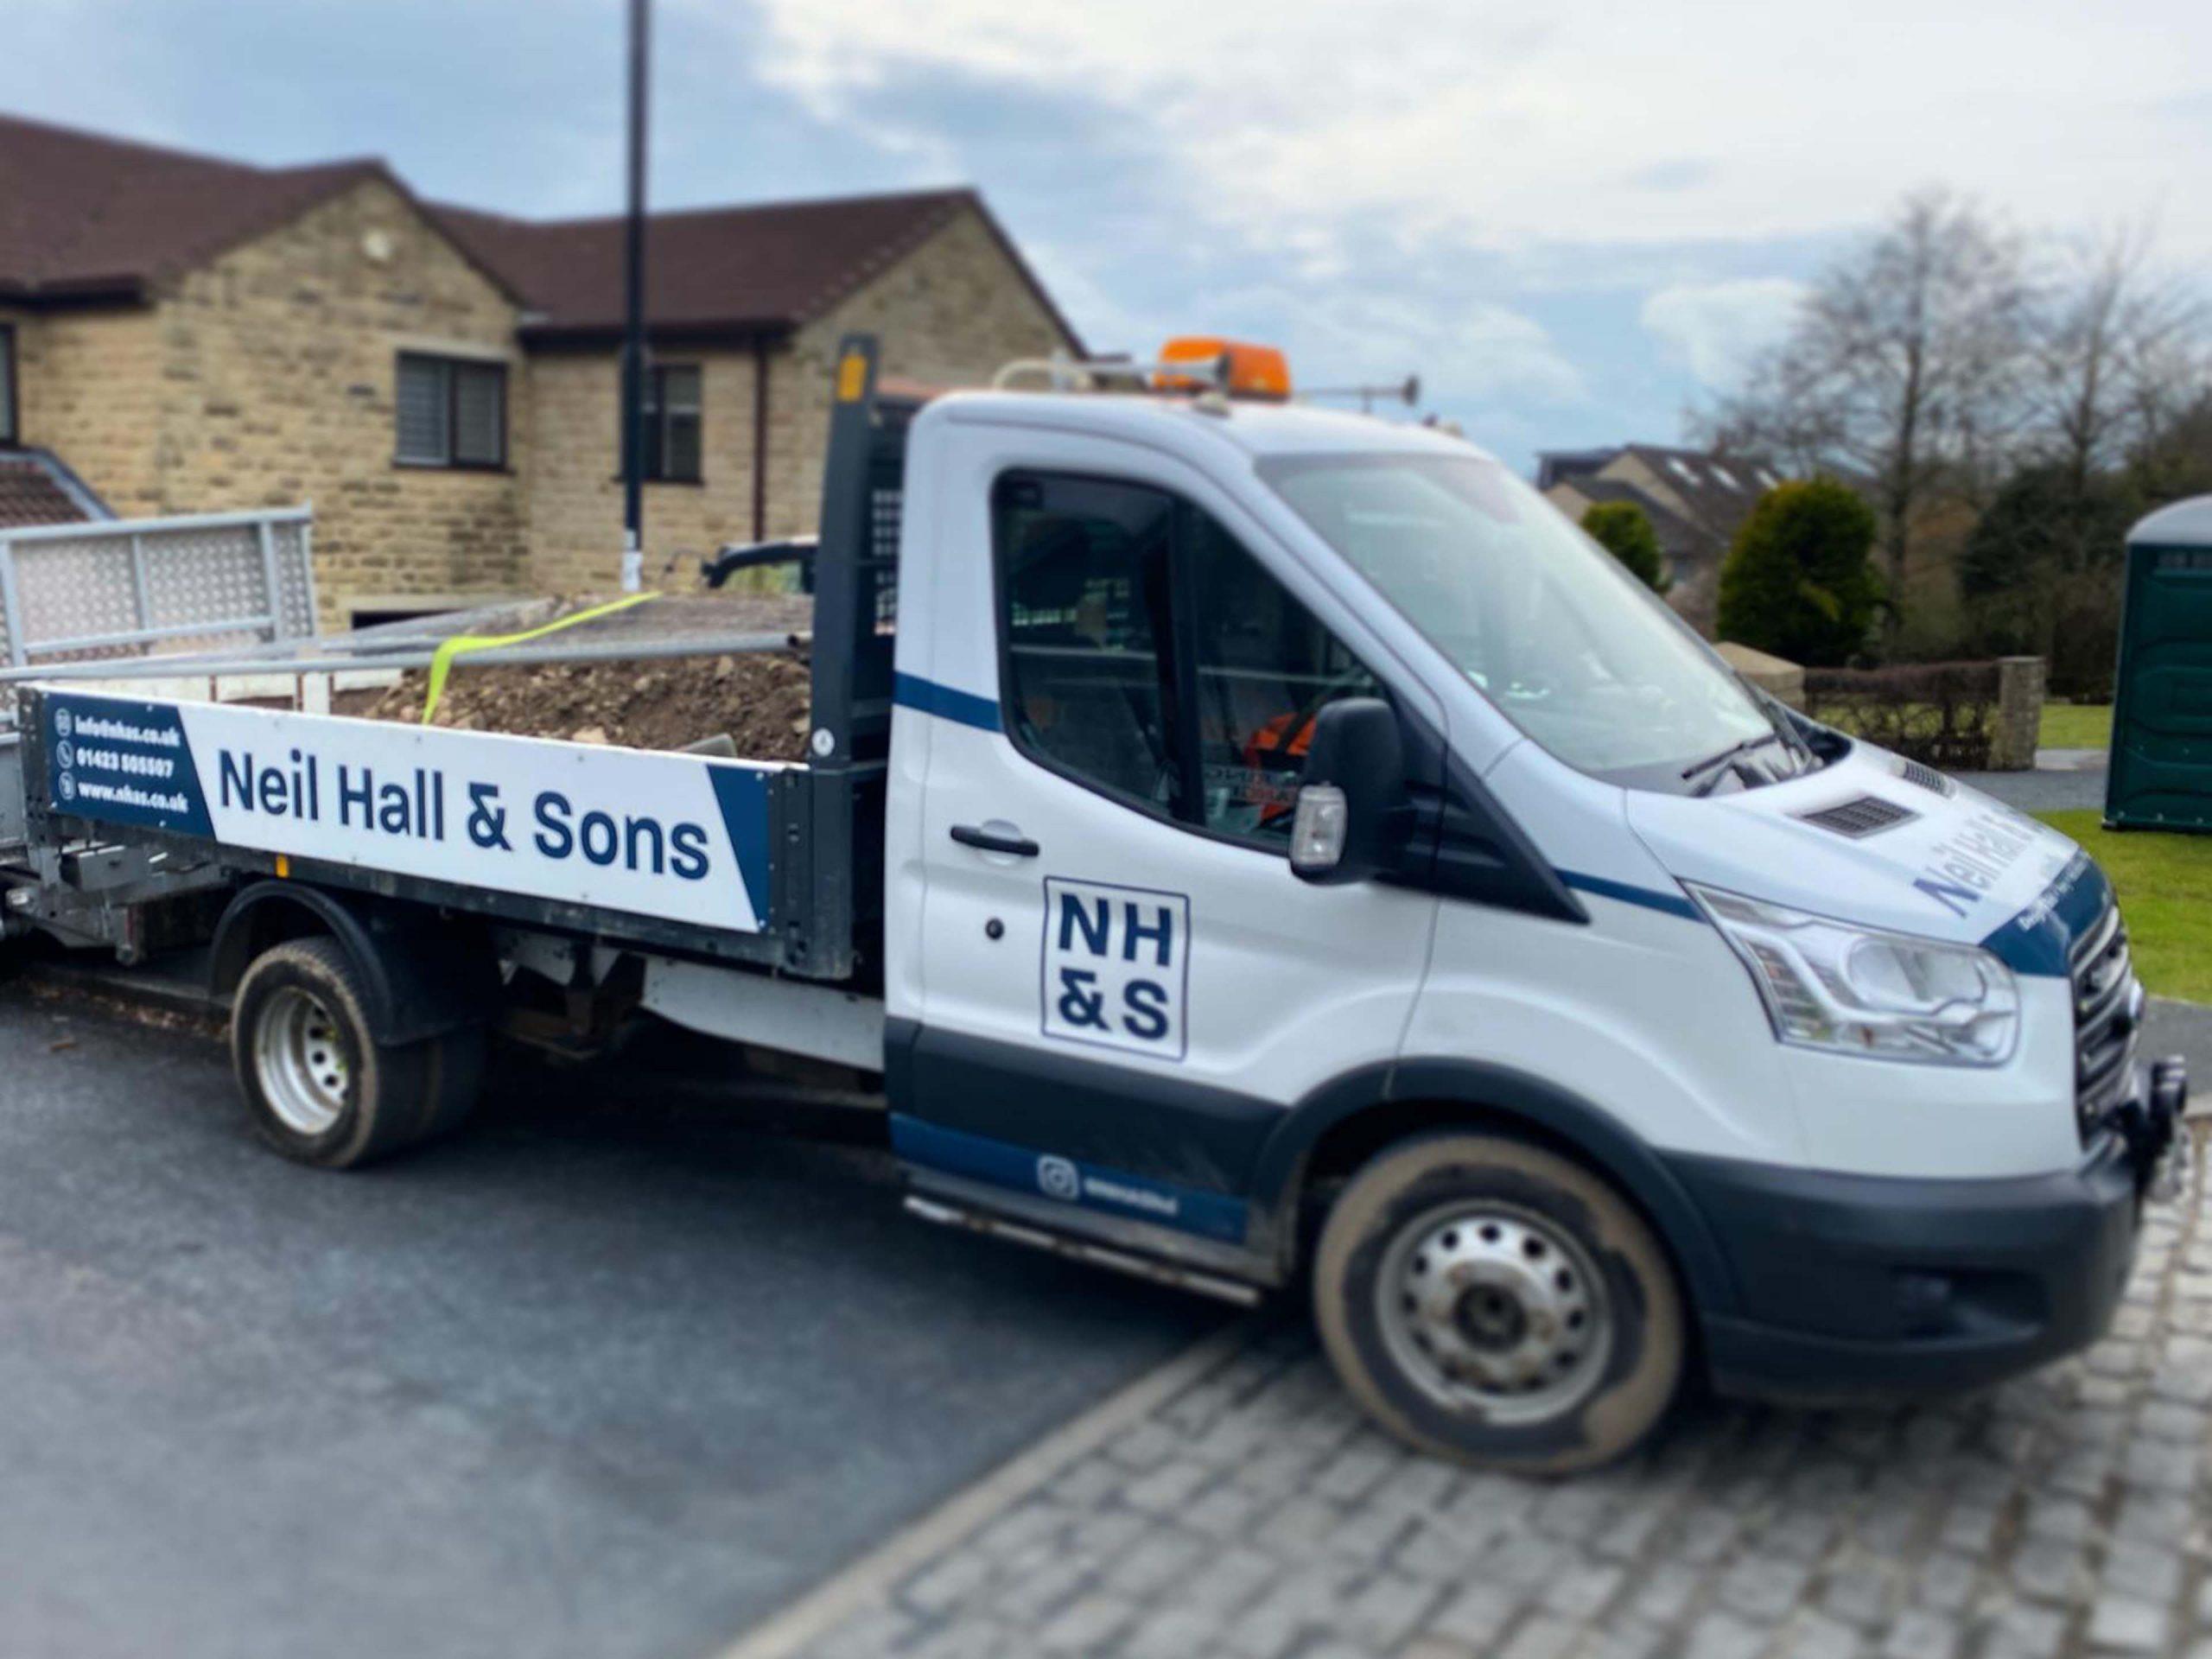 Neil Hall & Sons Harrogate Vehicle Livery